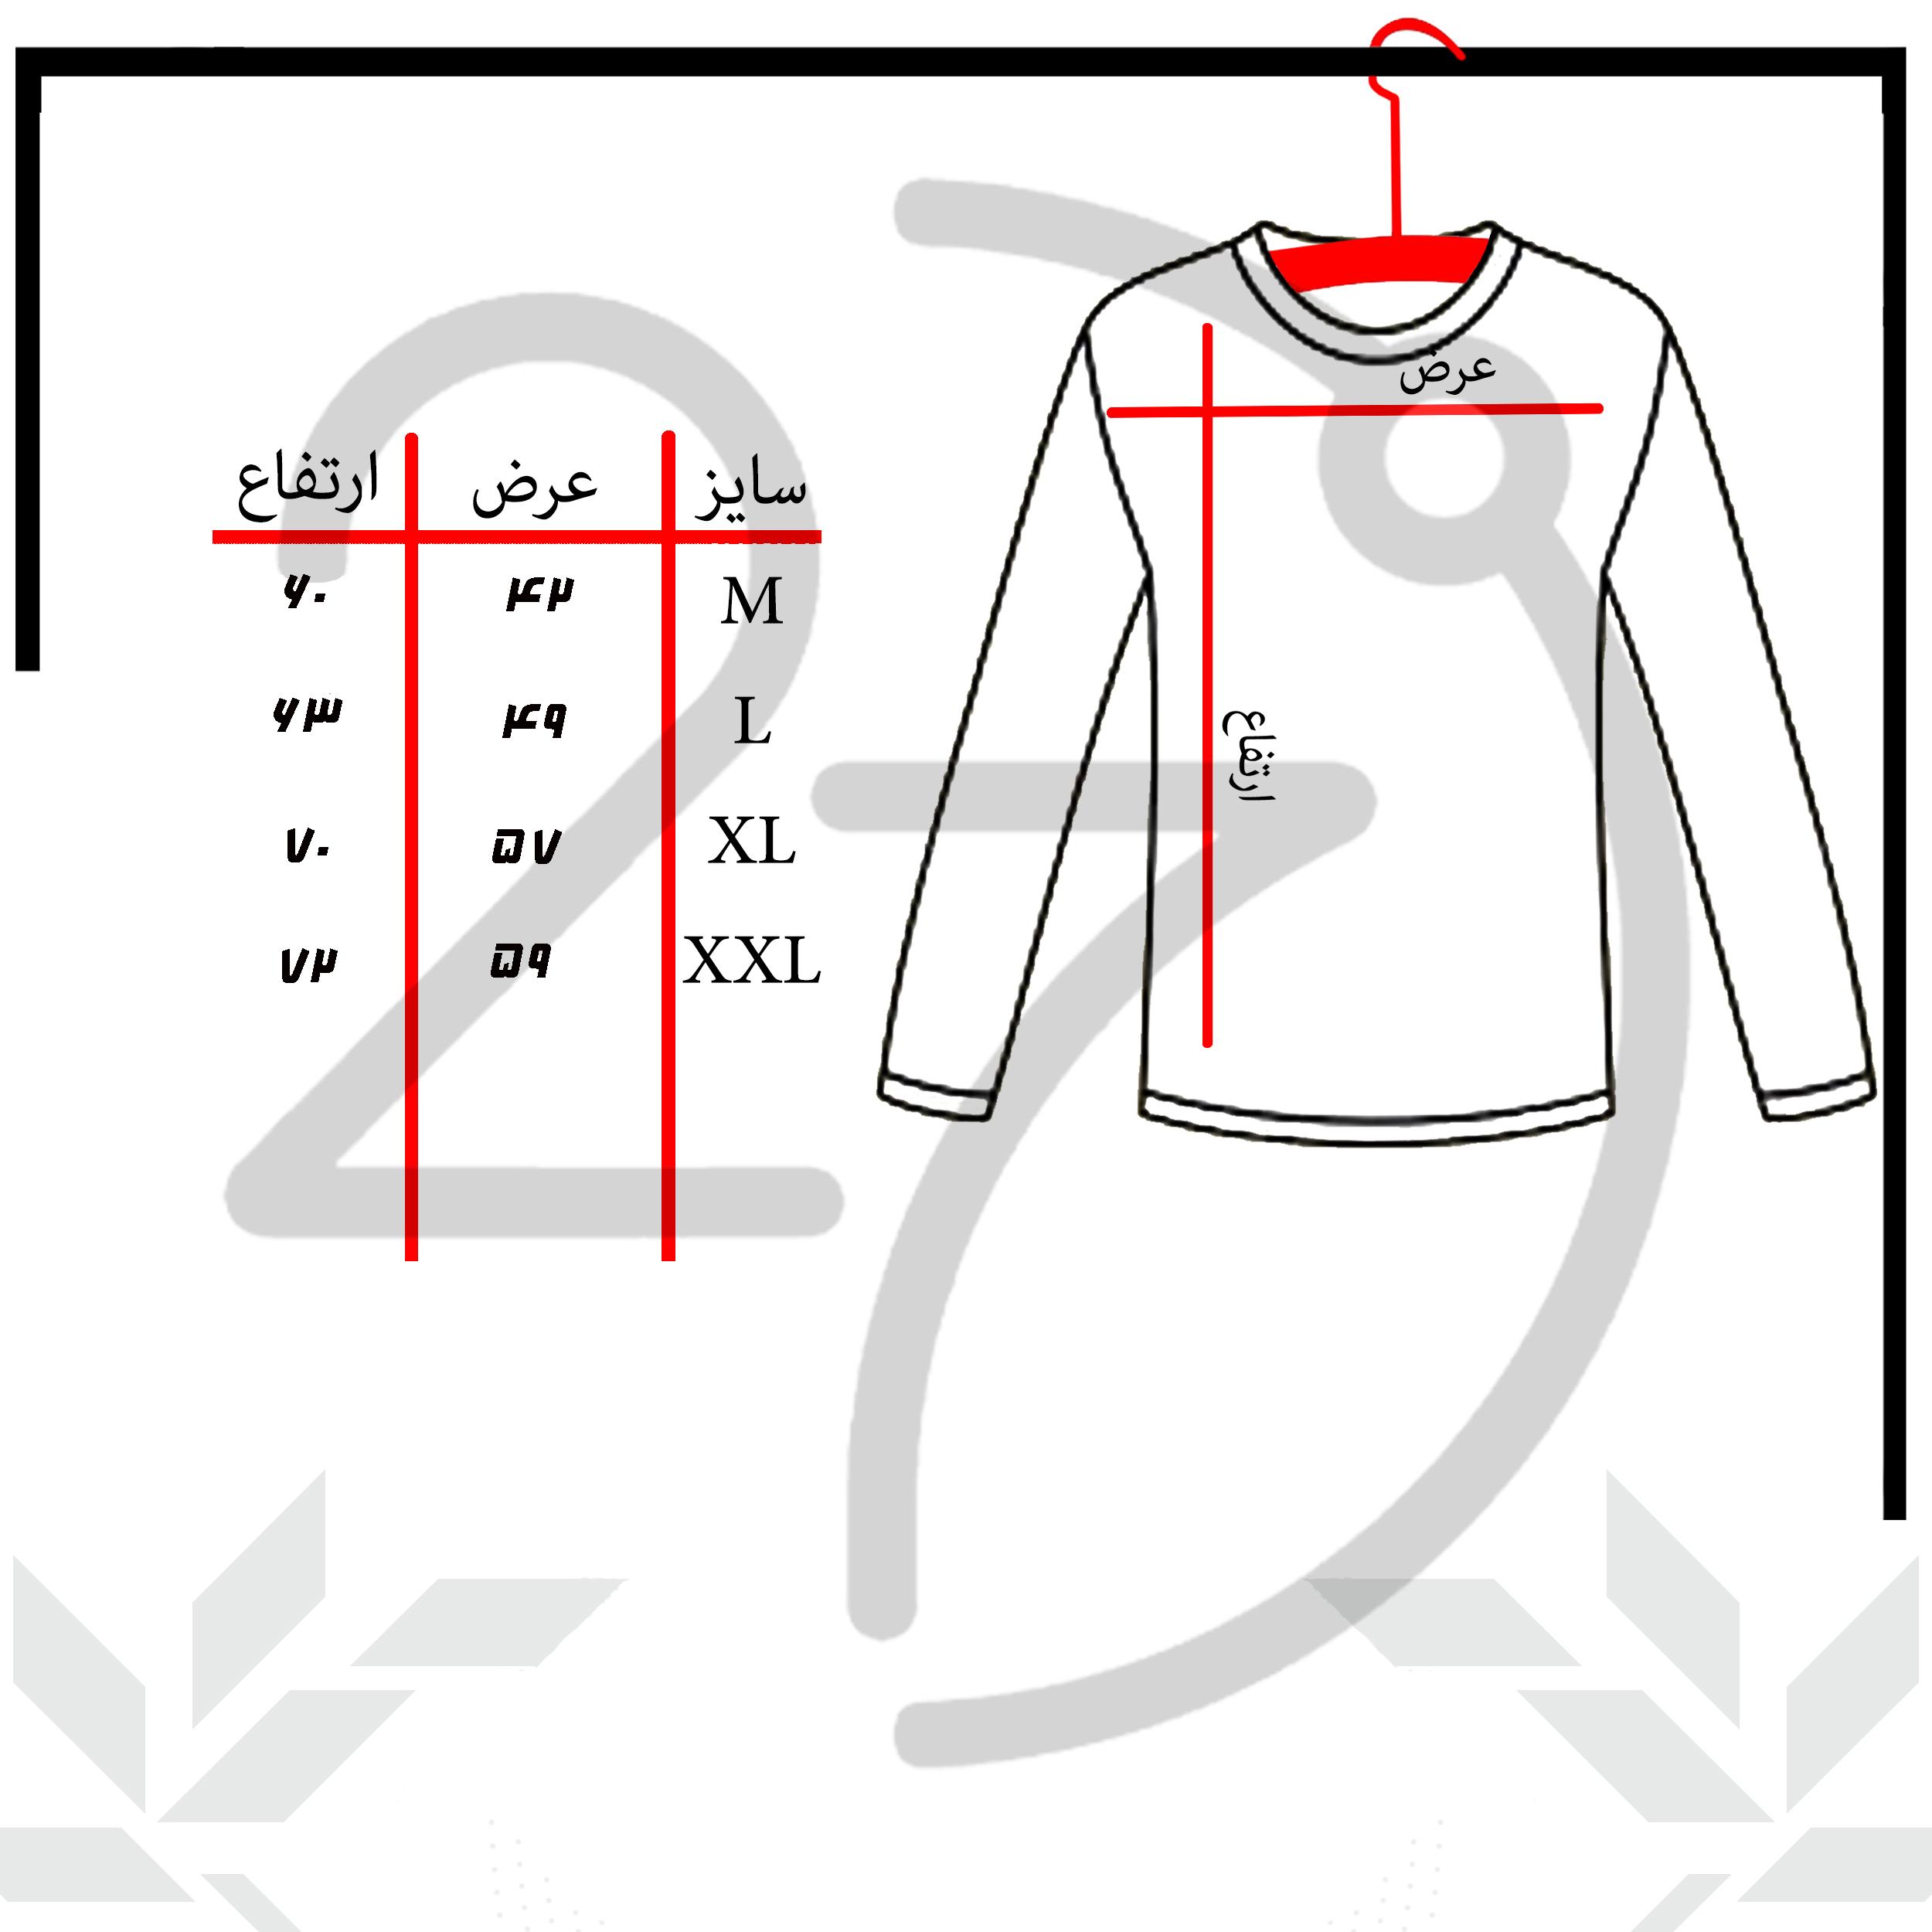 تی شرت آستین بلند زنانه 27 مدل دریم کچر کد B118